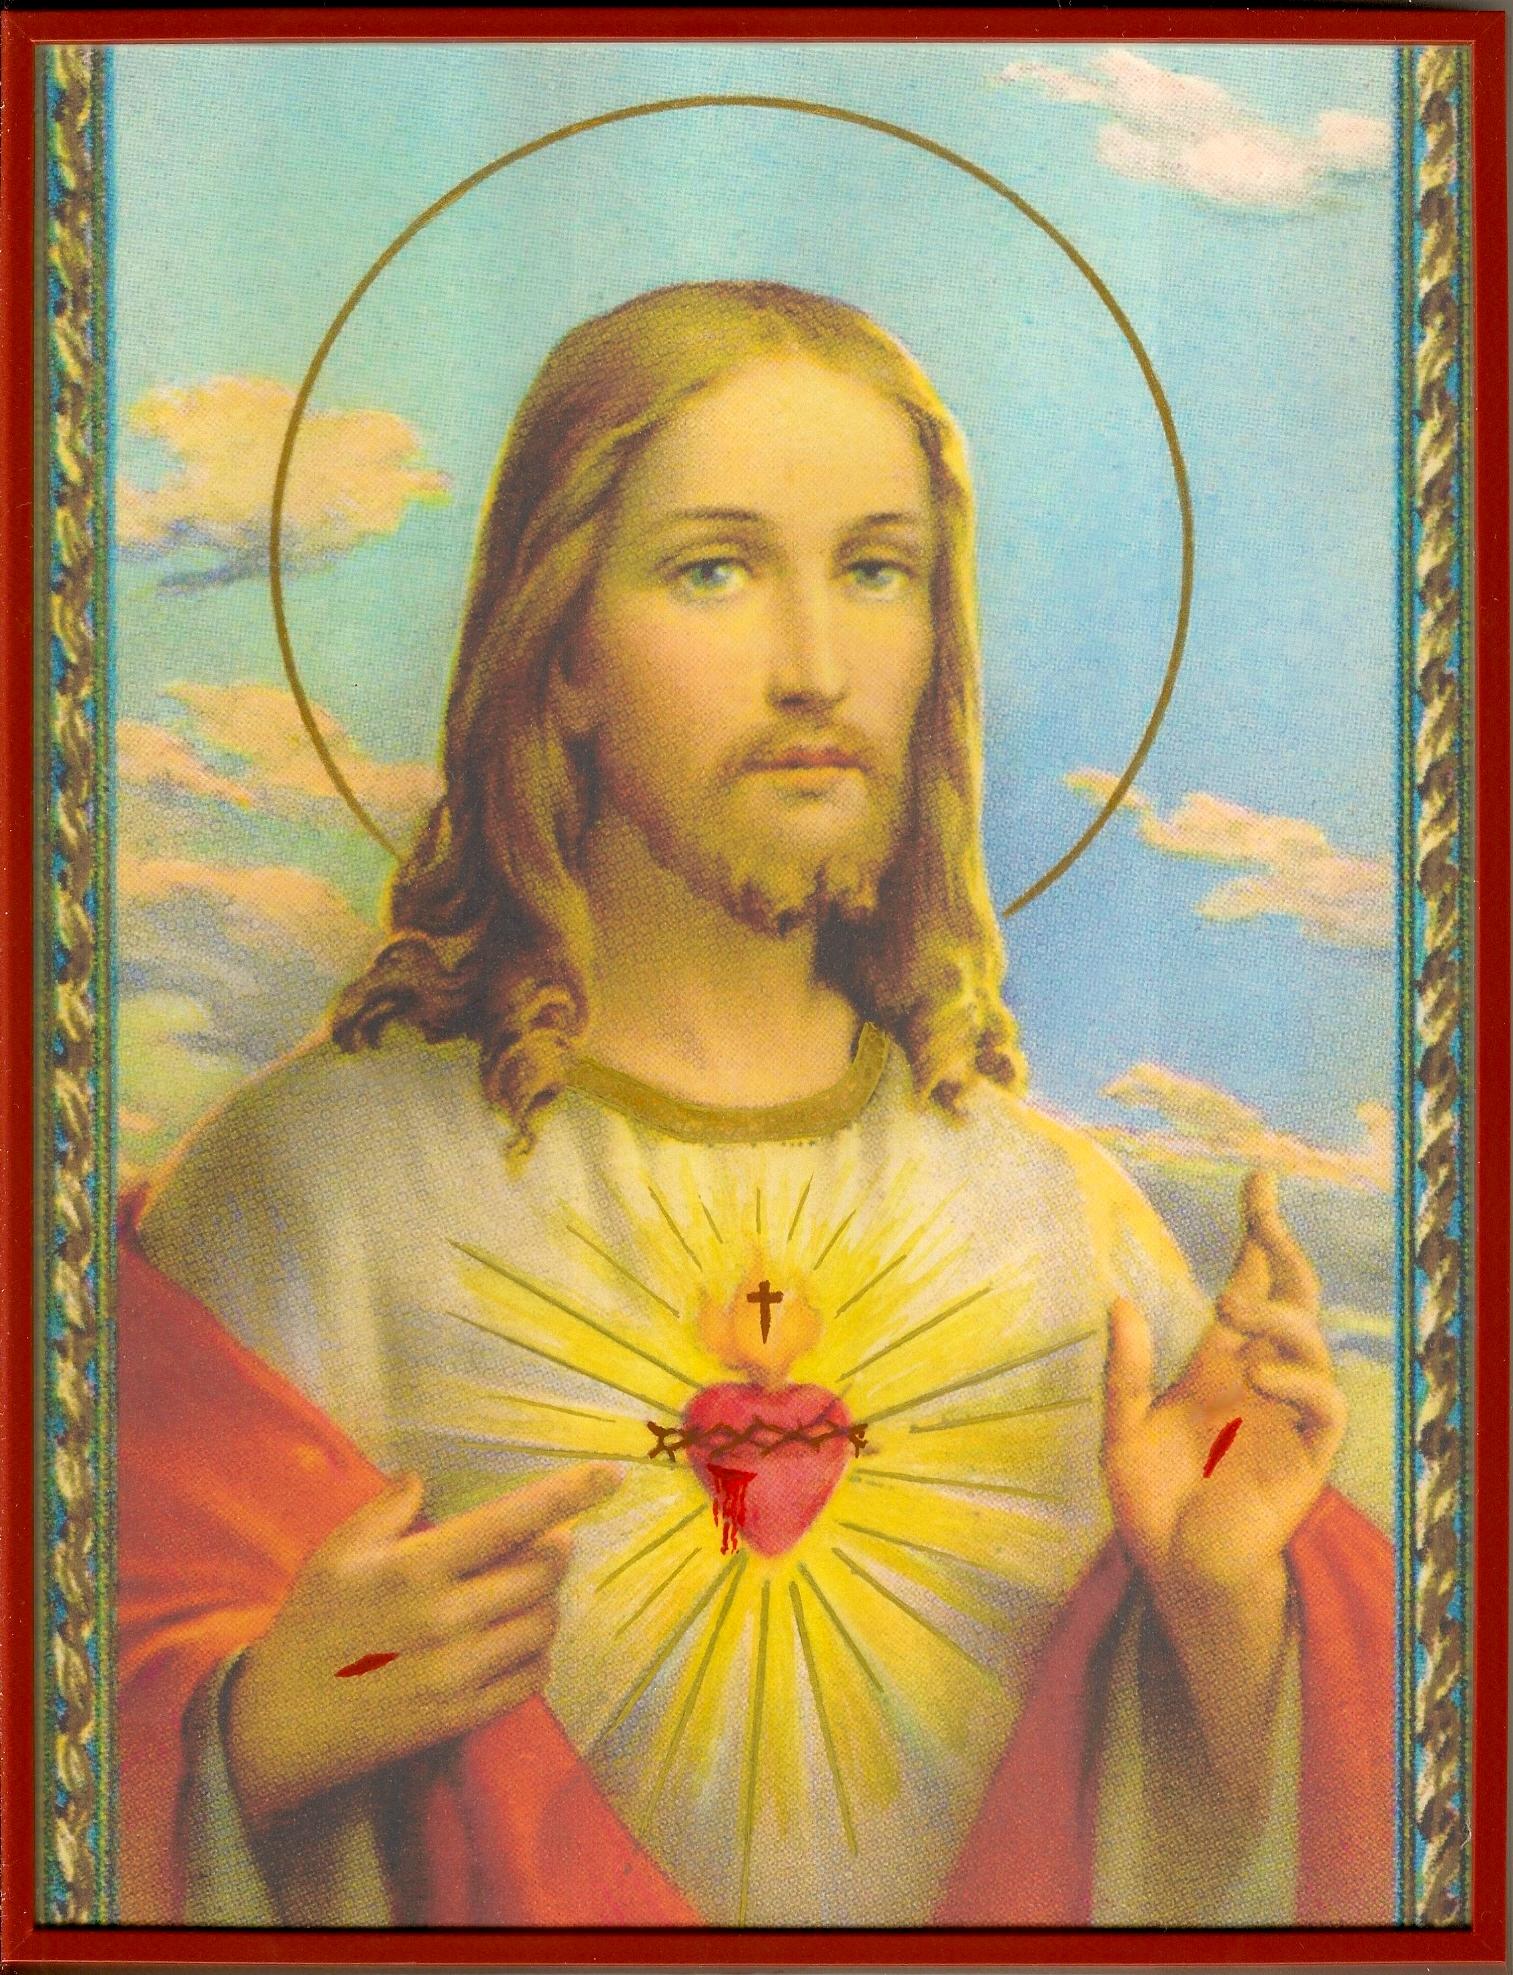 CALENDRIER CATHOLIQUE 2020 (Cantiques, Prières & Images) - Page 22 Cadre-du-sacr--coeur-579cc50